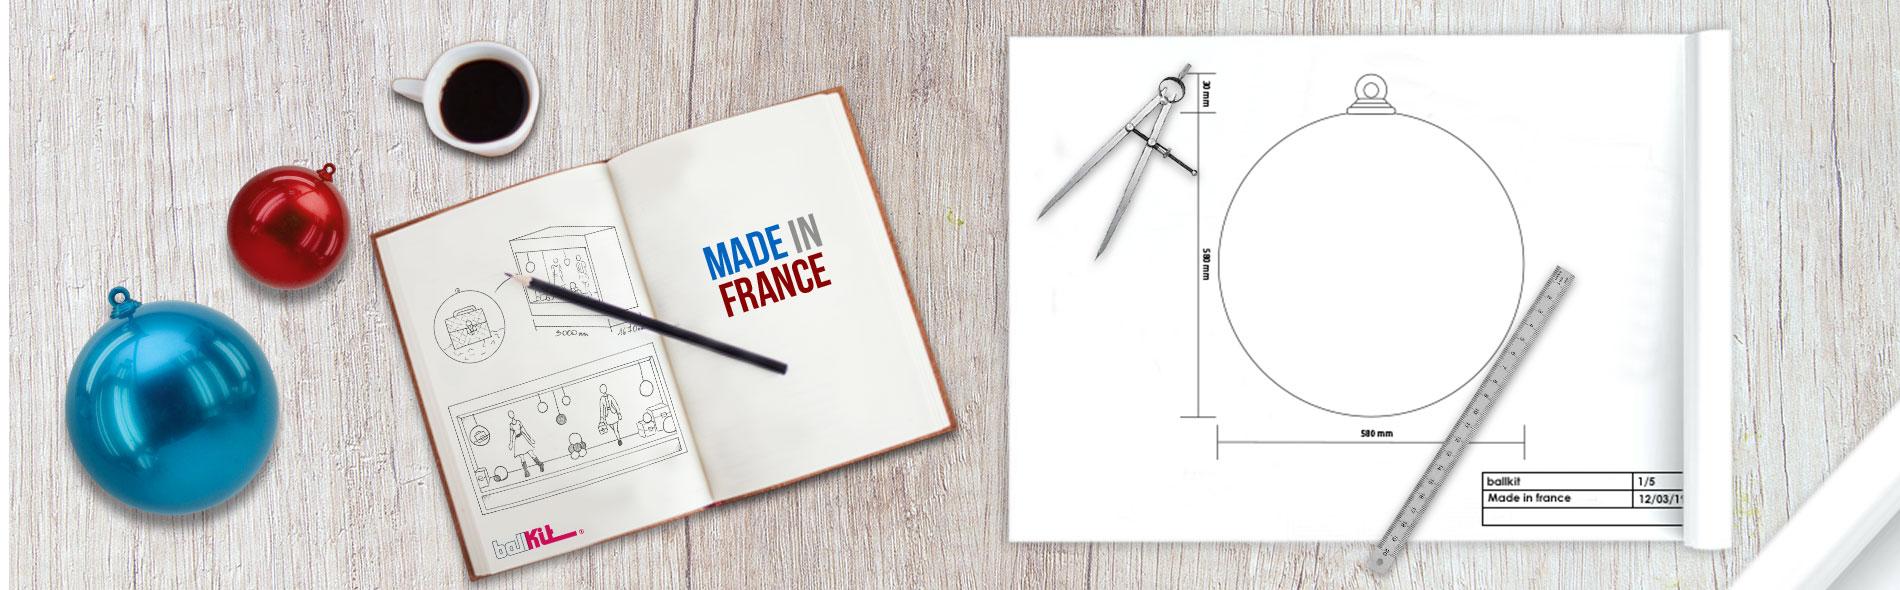 Conception et fabrication française